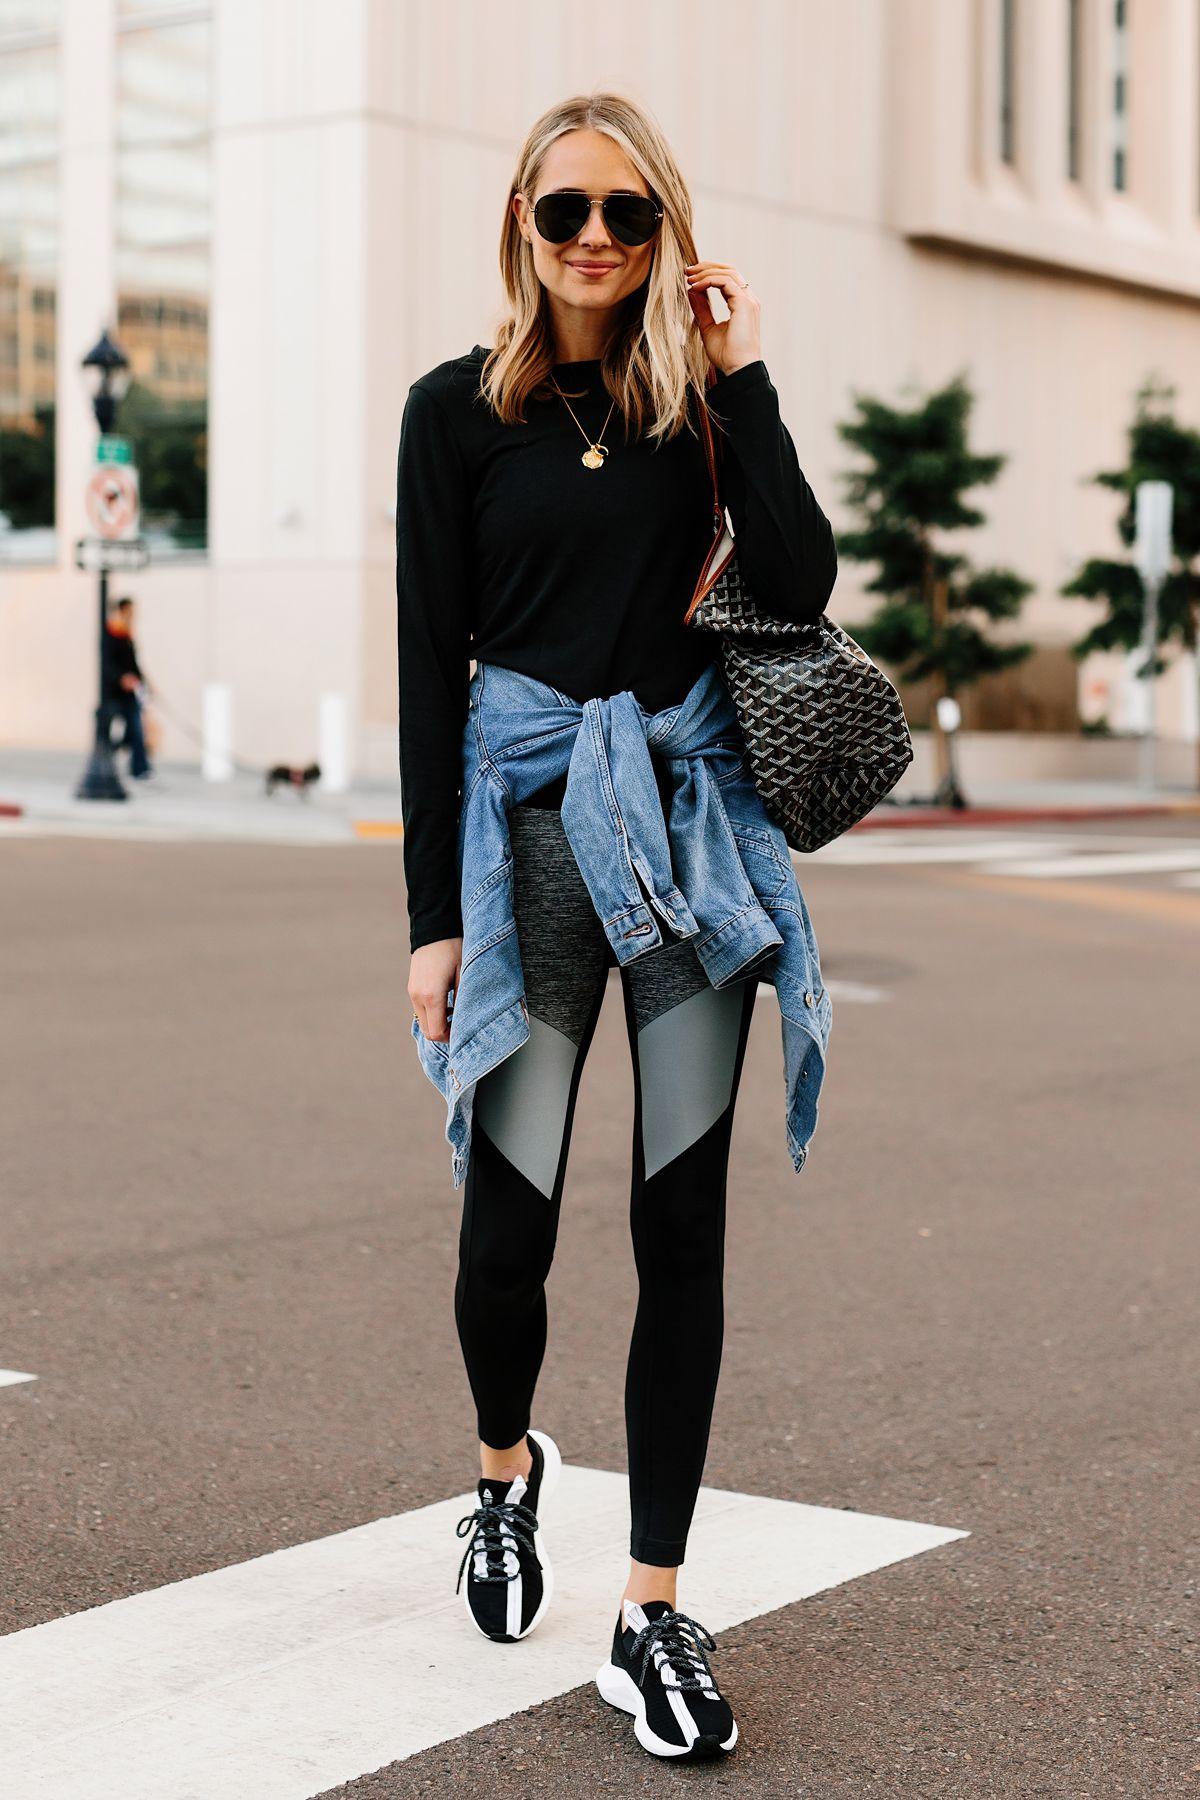 4eef2d204ac Blonde Woman Wearing Black Long Sleeve Top Denim Jacket Reebok Colorblock  Leggings Reebok Sole Fury Black Sneakers Goyard Tote Fashion Jackson San  Diego ...